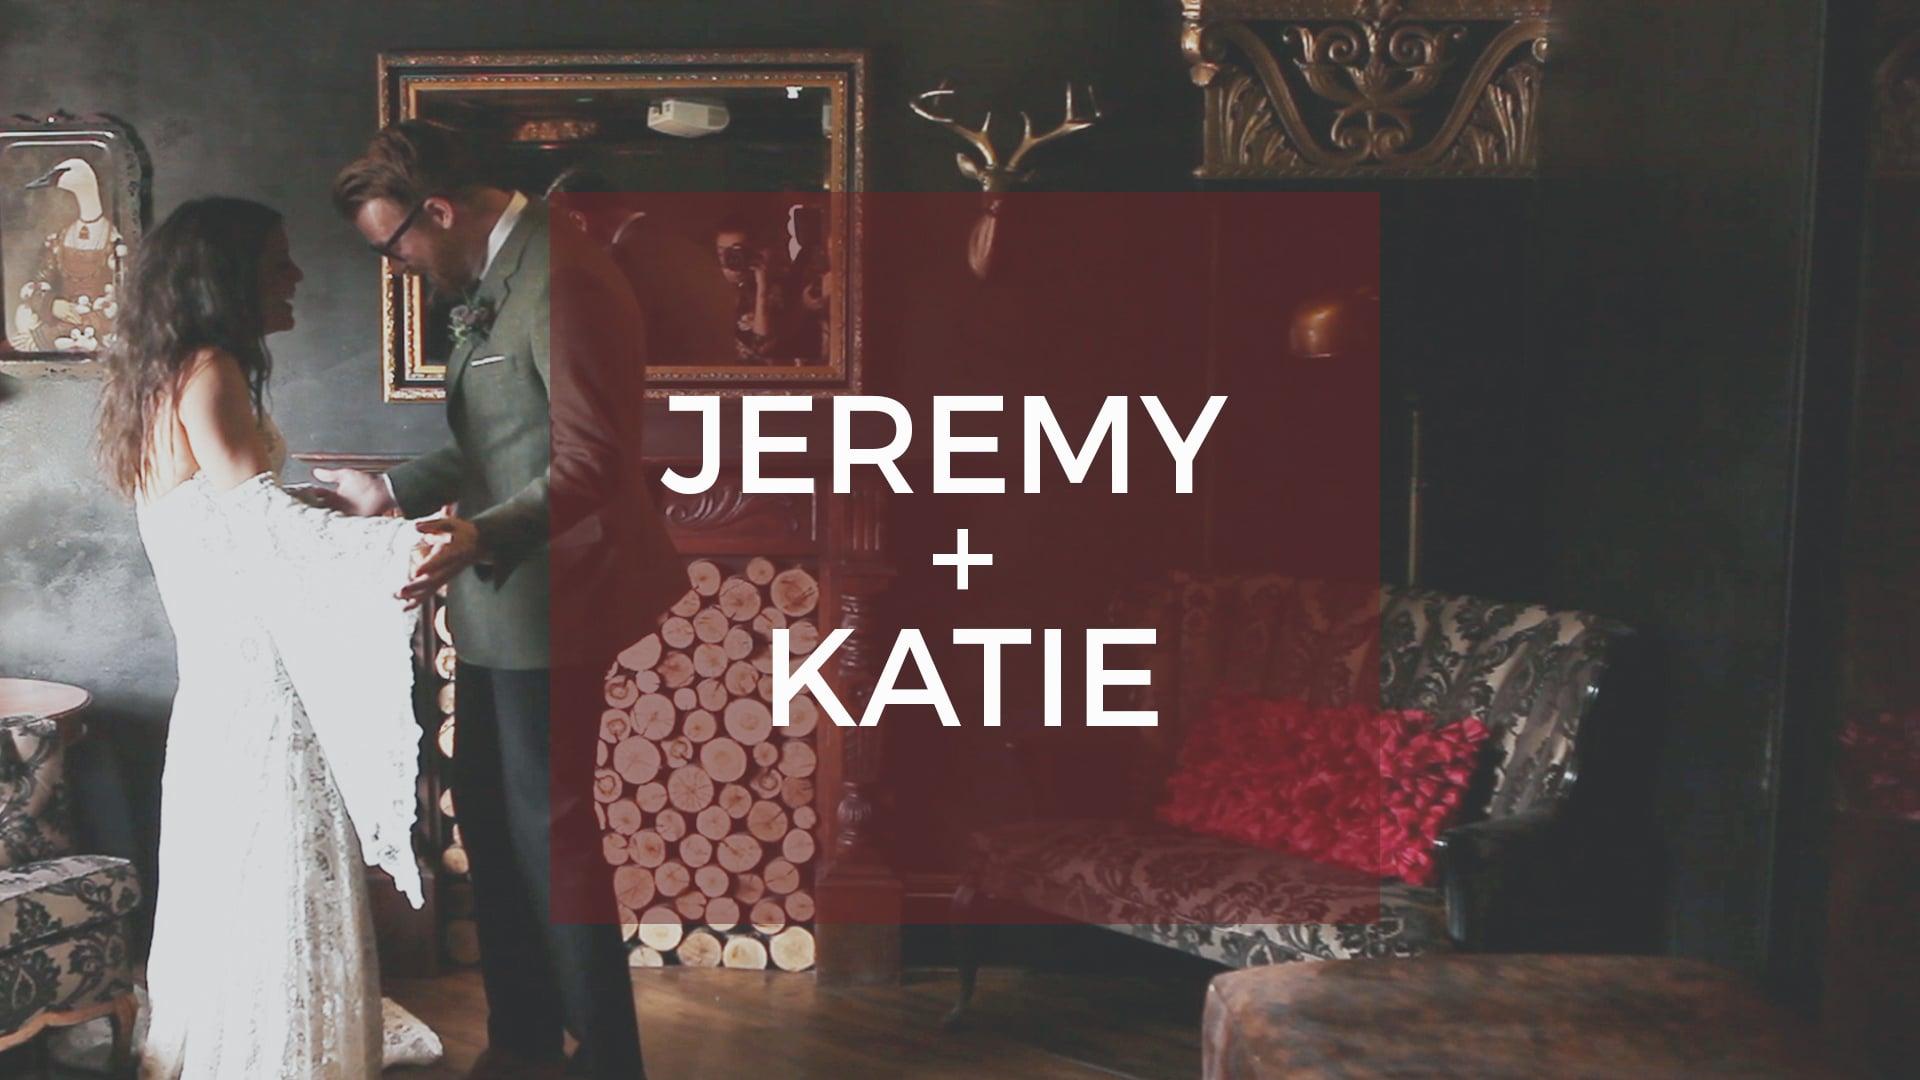 Jeremy + Katie